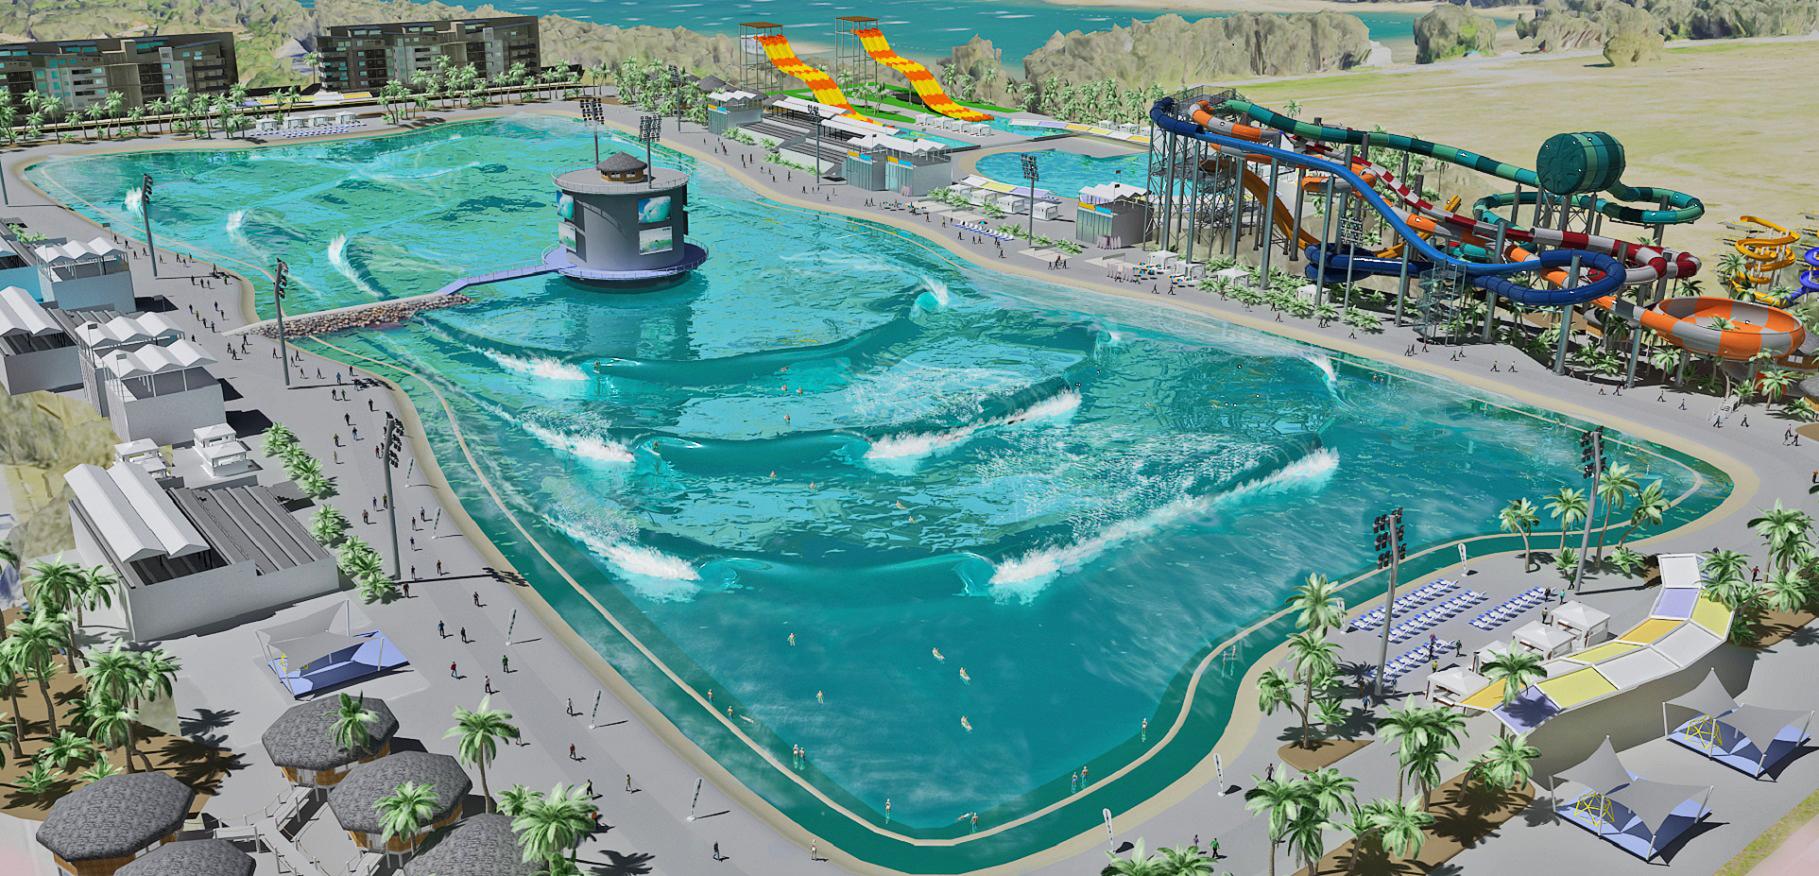 Mark Occhilupo ajuda a desenvolver piscina de ondas revolucionária na Austrália